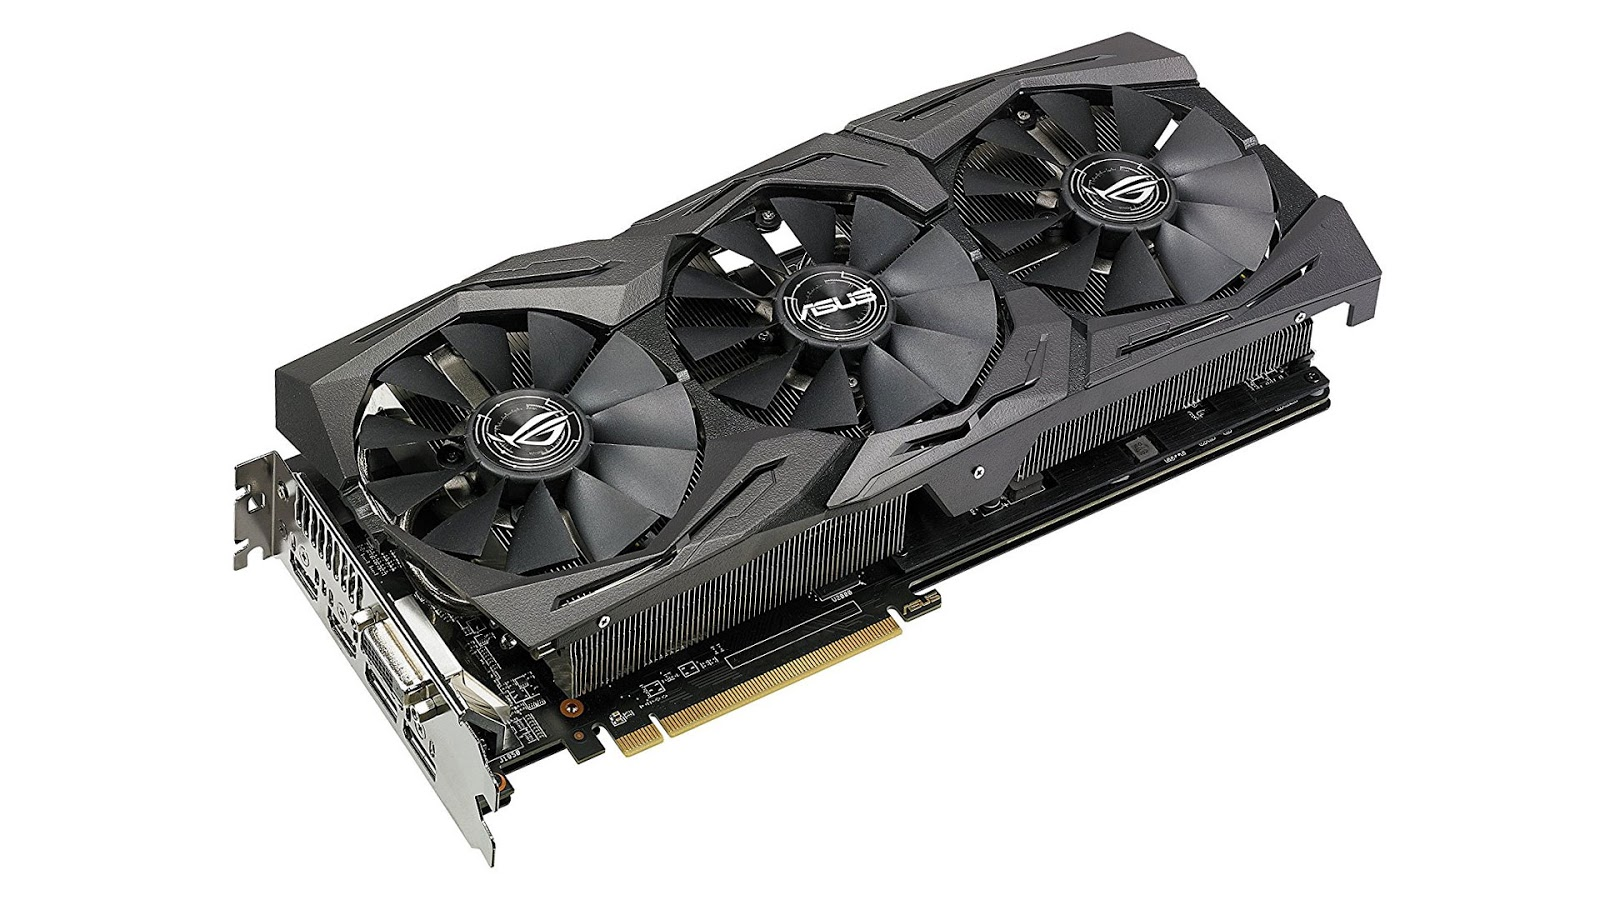 rx 580 8gb mining